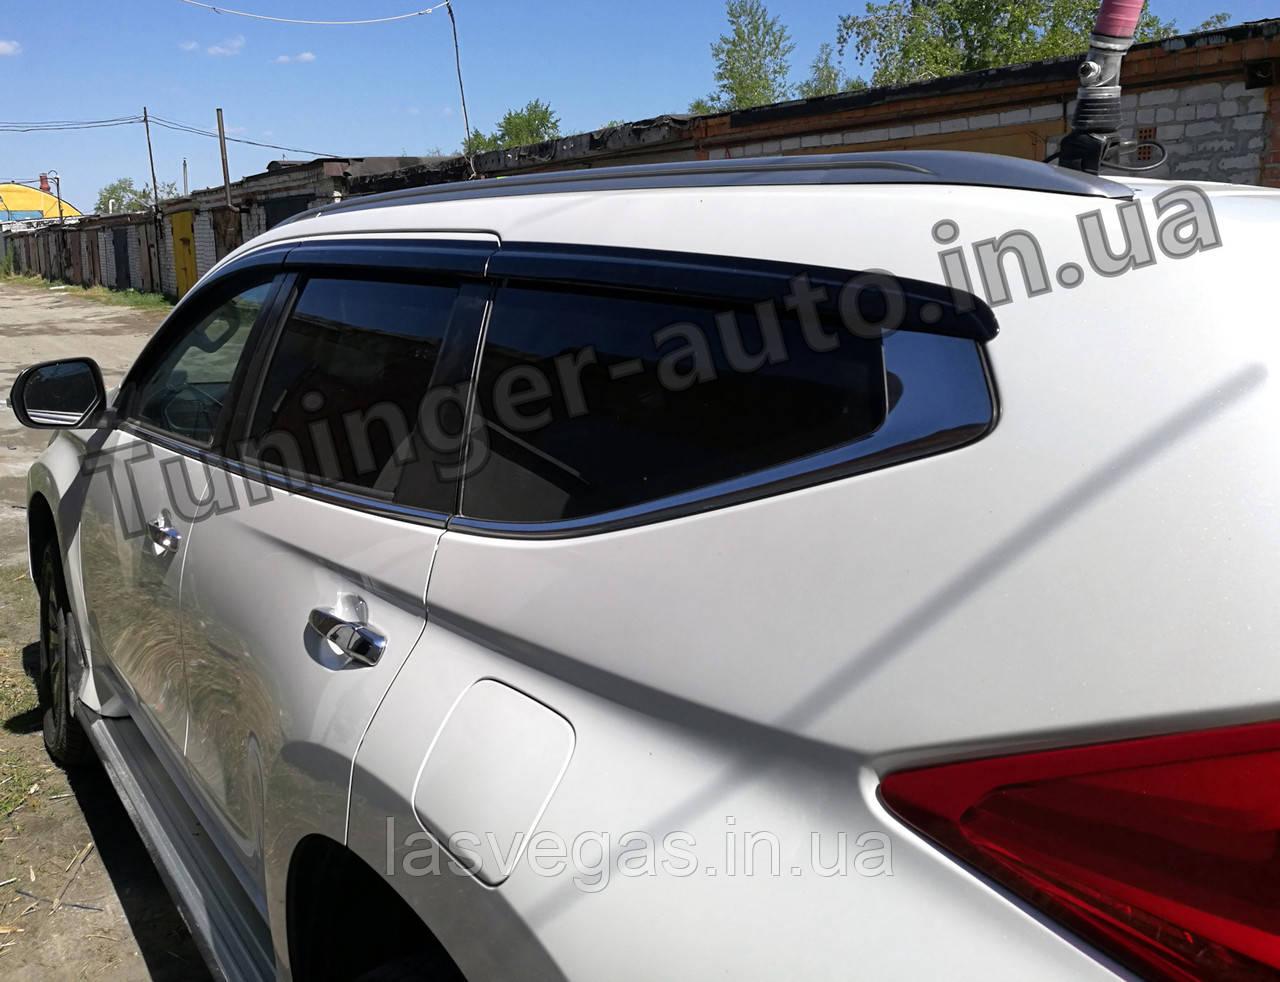 Дефлекторы окон (ветровики) Mitsubishi Pajero Sport 2015-2021 6шт. (Autoclover D752)